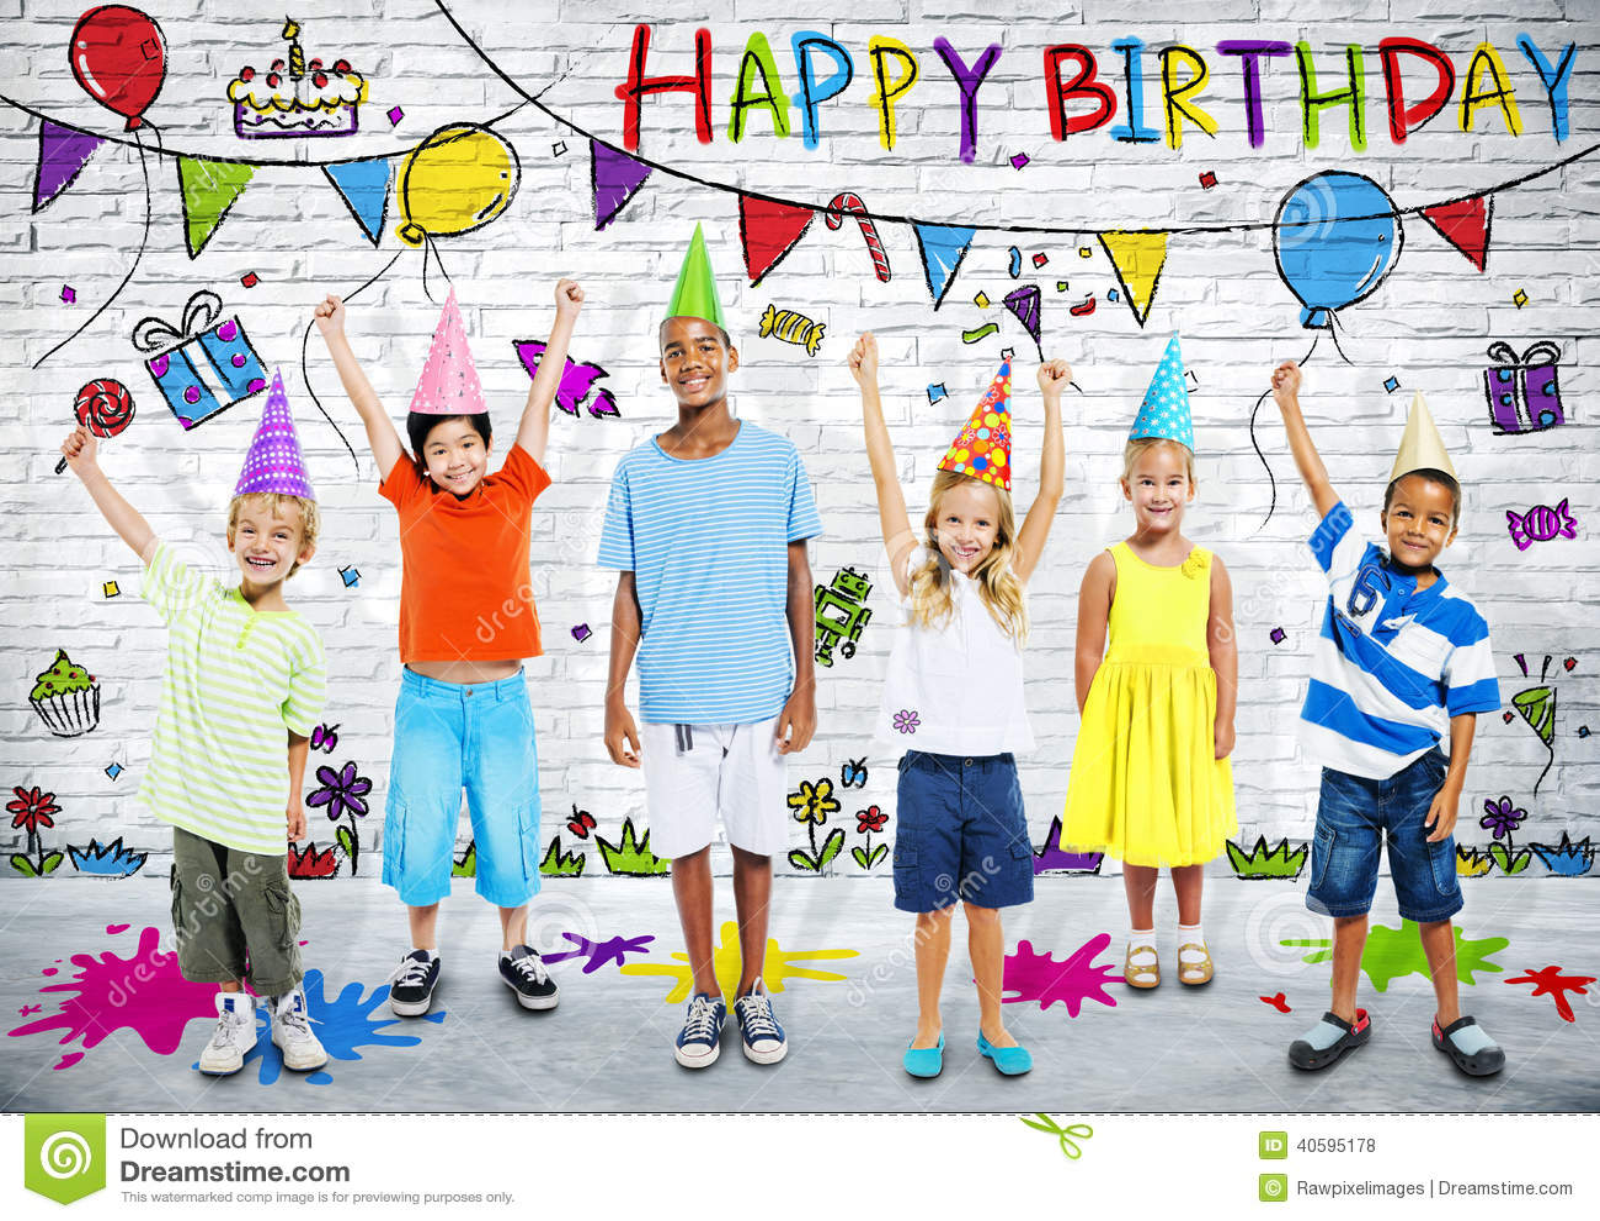 Multiethnic Children Celebrate Happy Birthday Party Stock